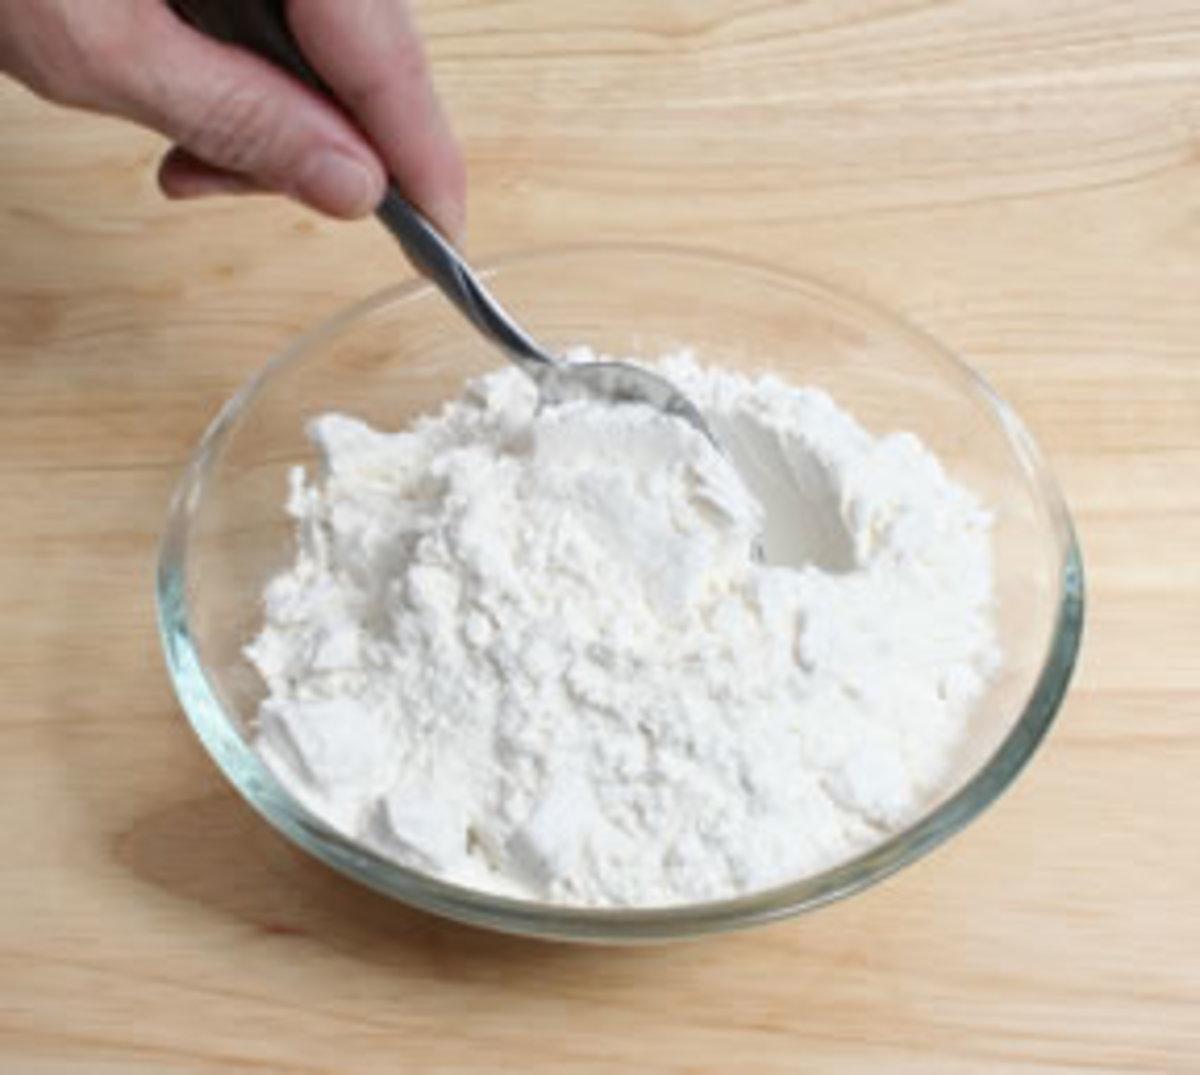 Avoid white flour or all purpose flour